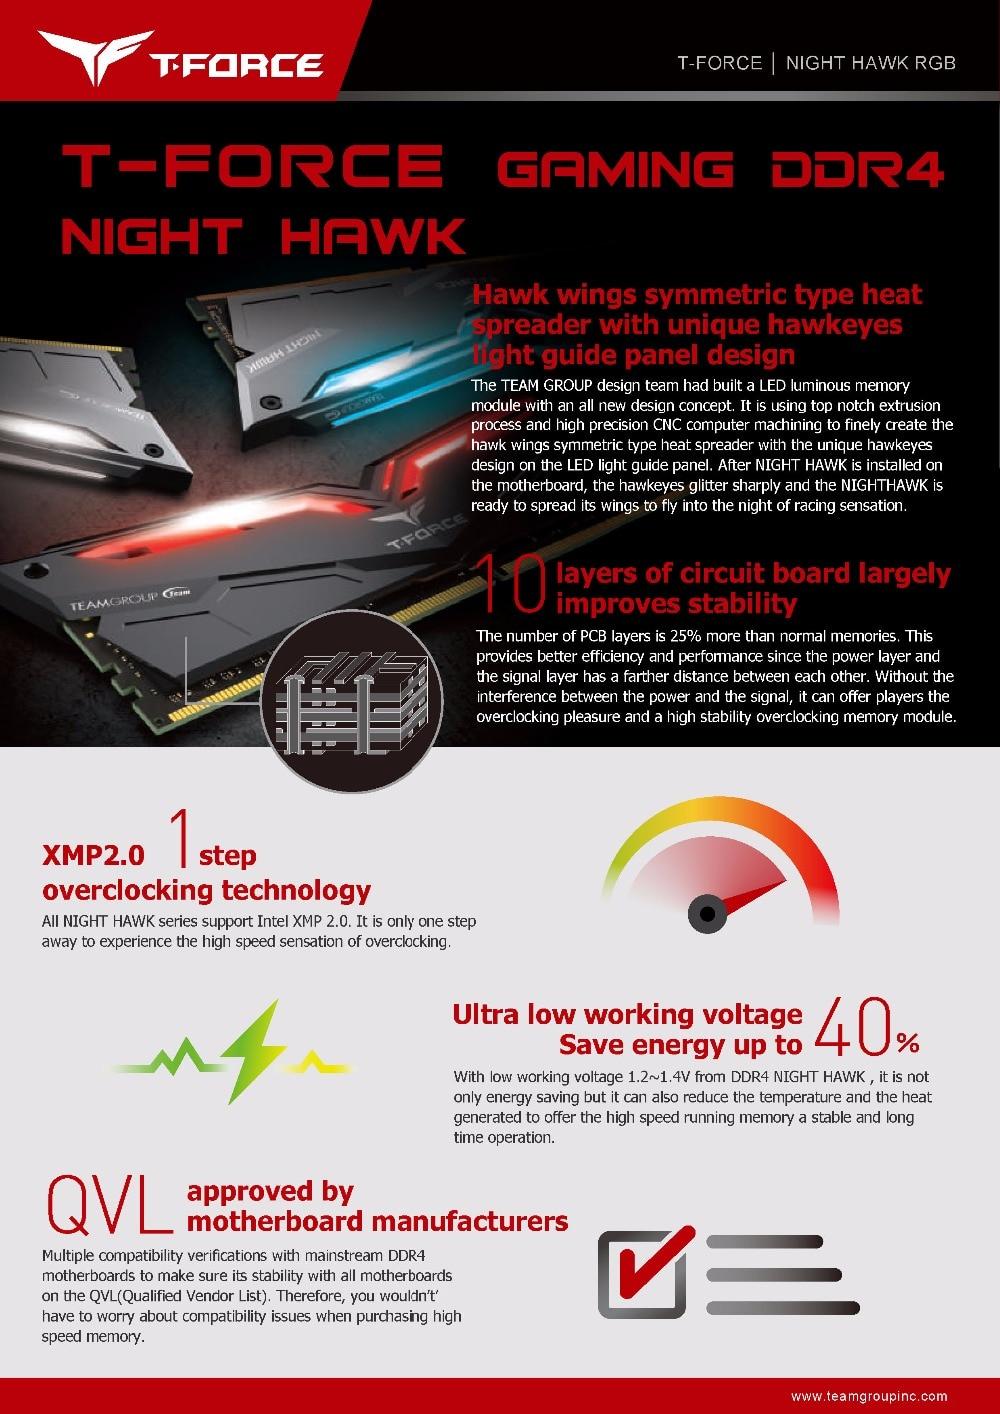 Équipe groupe nuit HAWK RGB DDR4 ordinateur de bureau de mémoire 8G 3000 MHz ordinateur de jeu RAMs 288 broches CL16 LED RAMs de jeu - 5